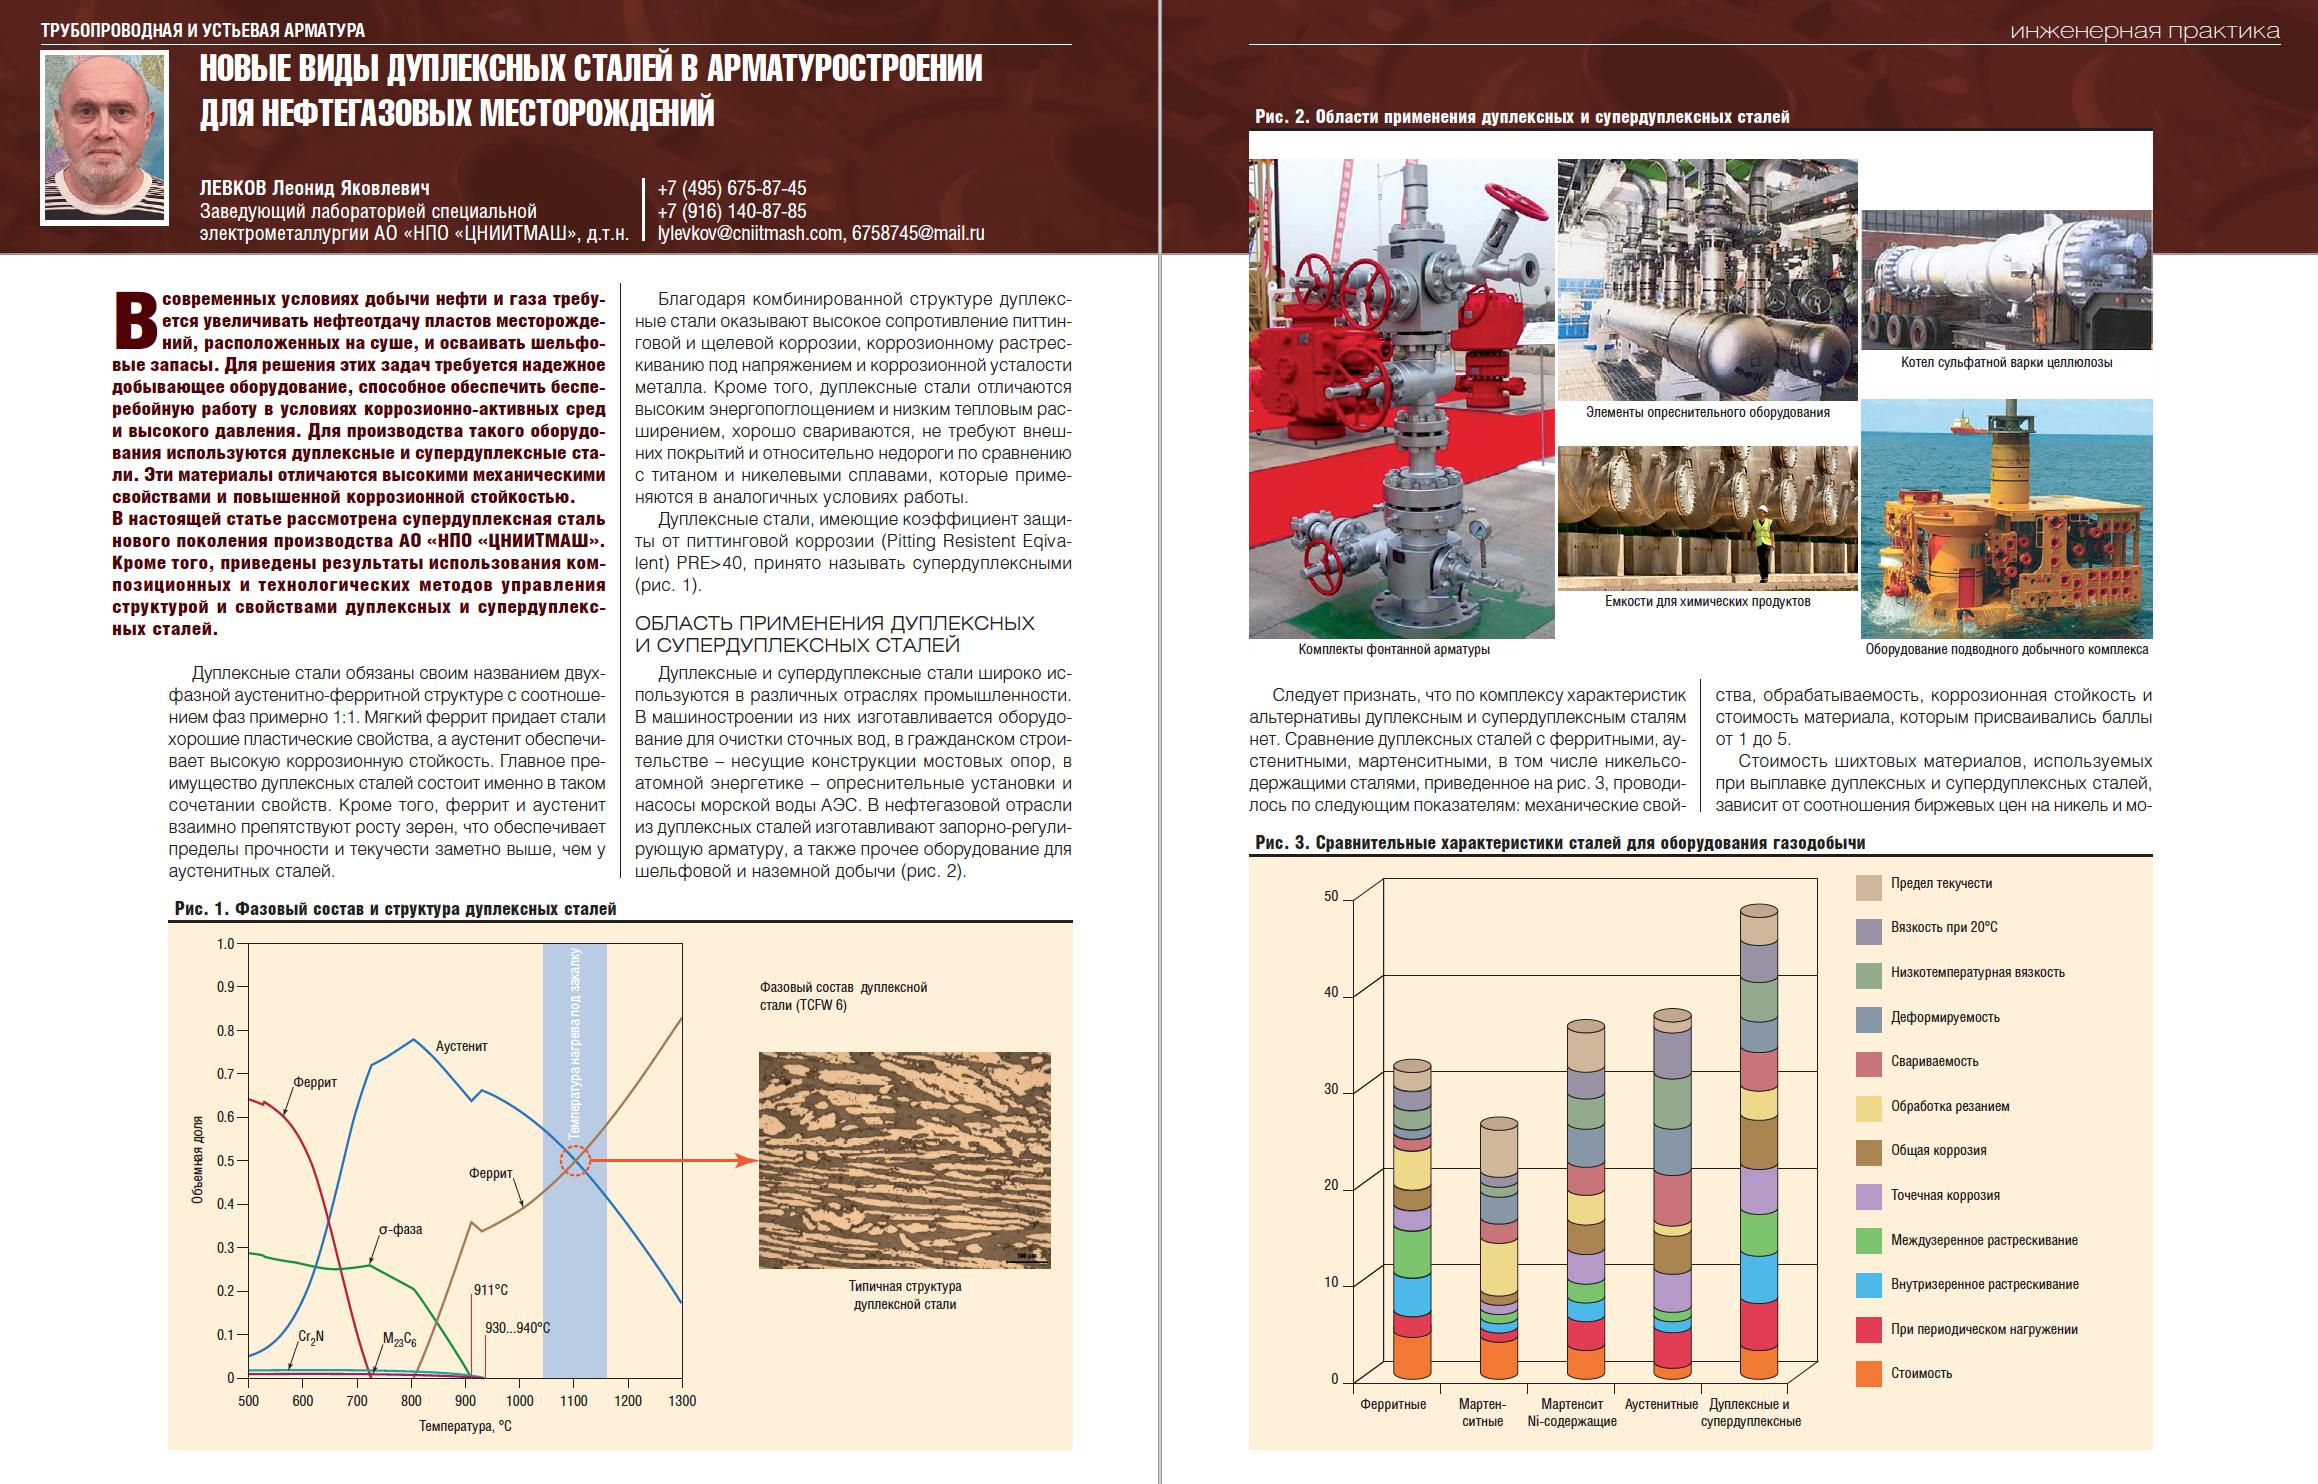 29356 Новые виды дуплексных сталей в арматуростроении для нефтегазовых месторождений